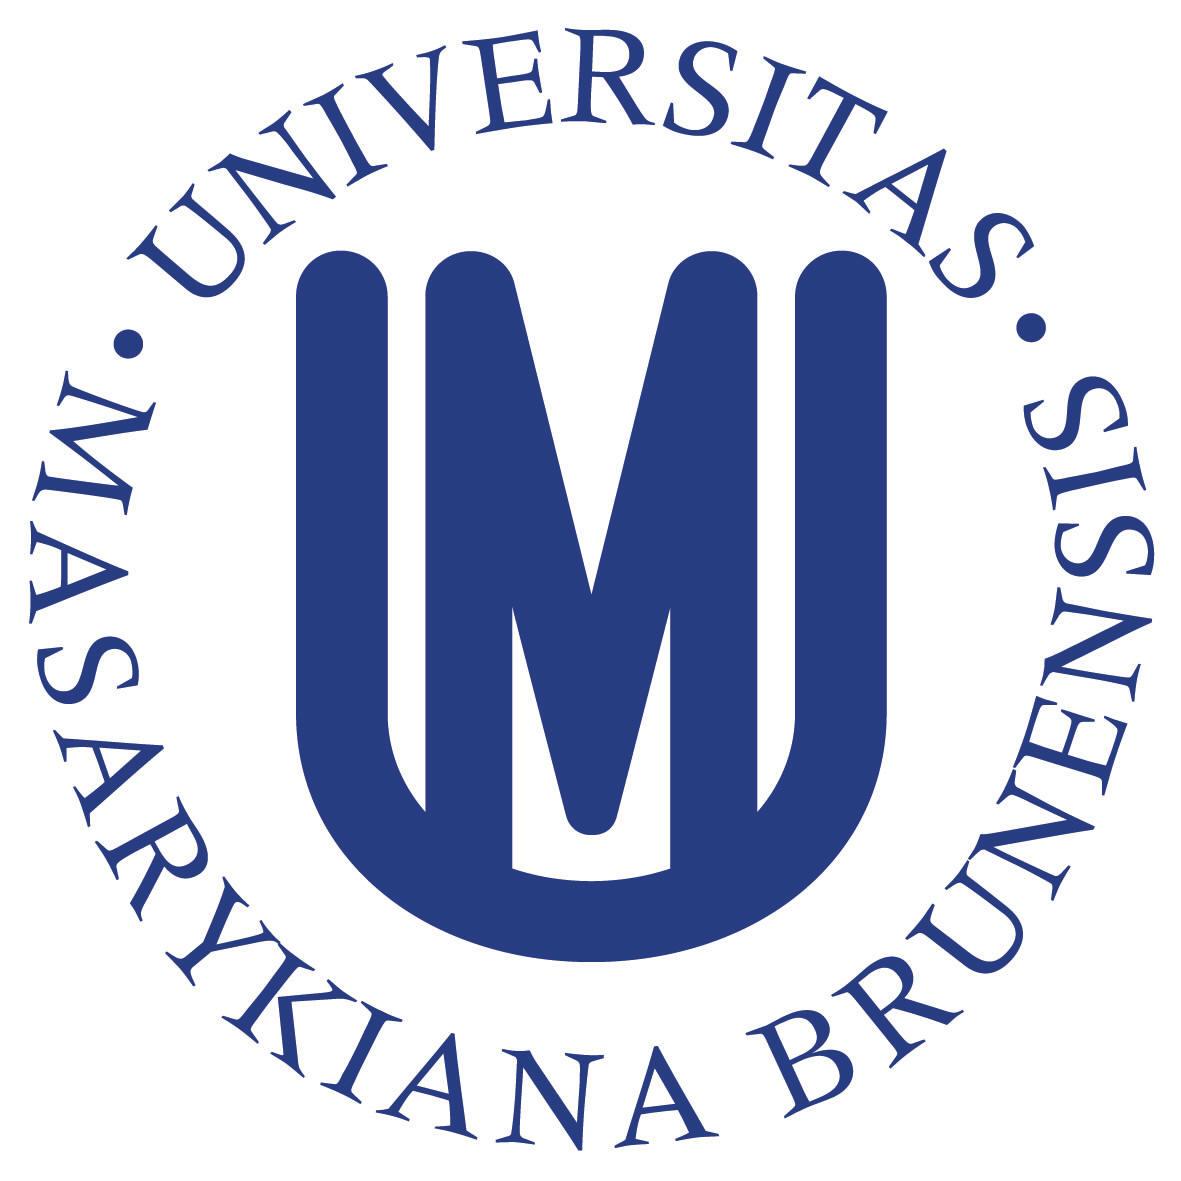 Университет имени Масарика (Масариков университет) был основан в 1919 году в Брно, вскоре после основания в октябре 1918 года независимой Чехословацкой республики.